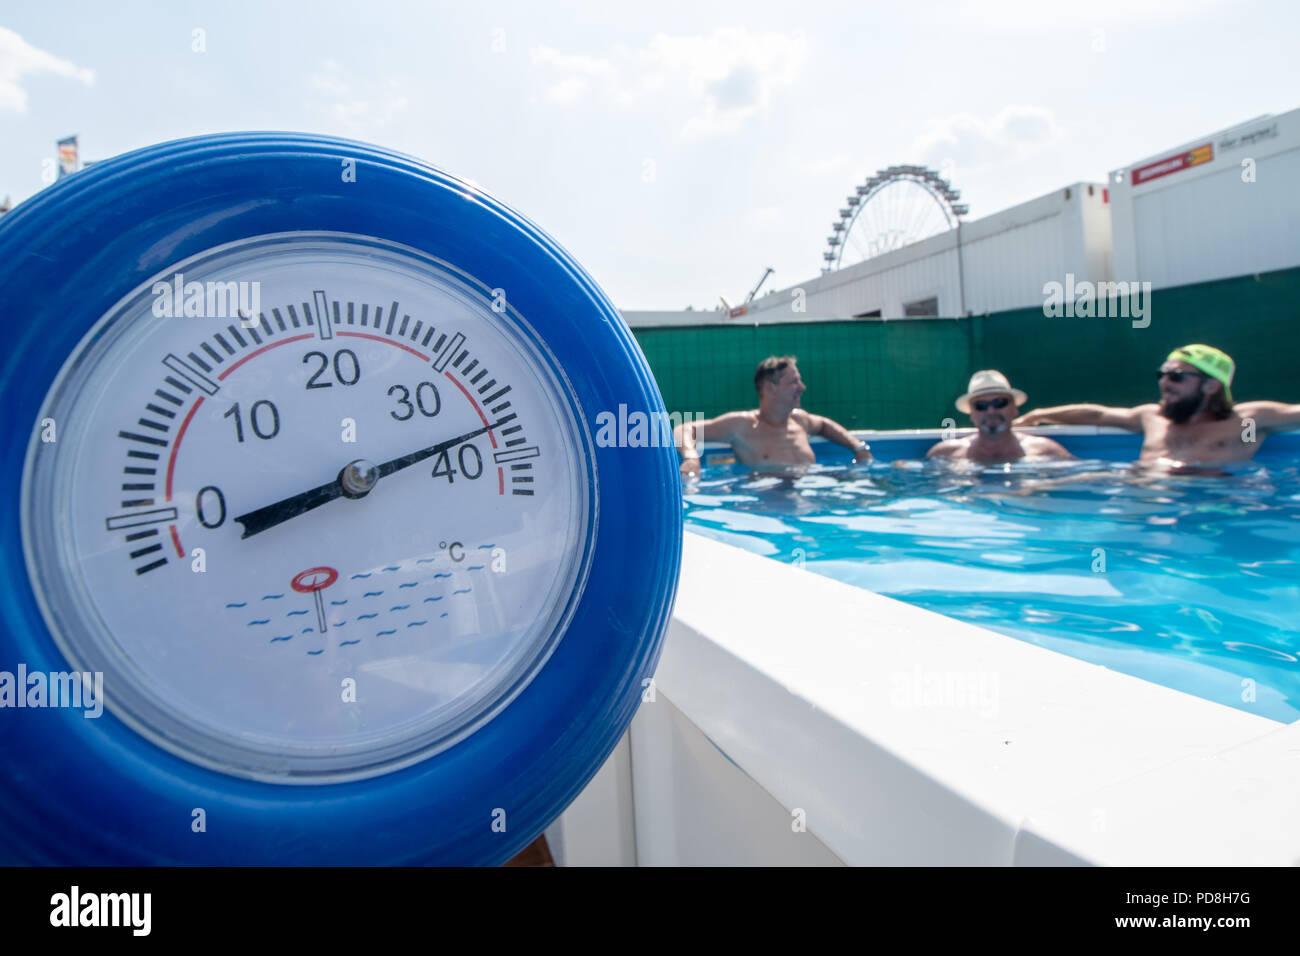 Temperature of 38 degrees 79